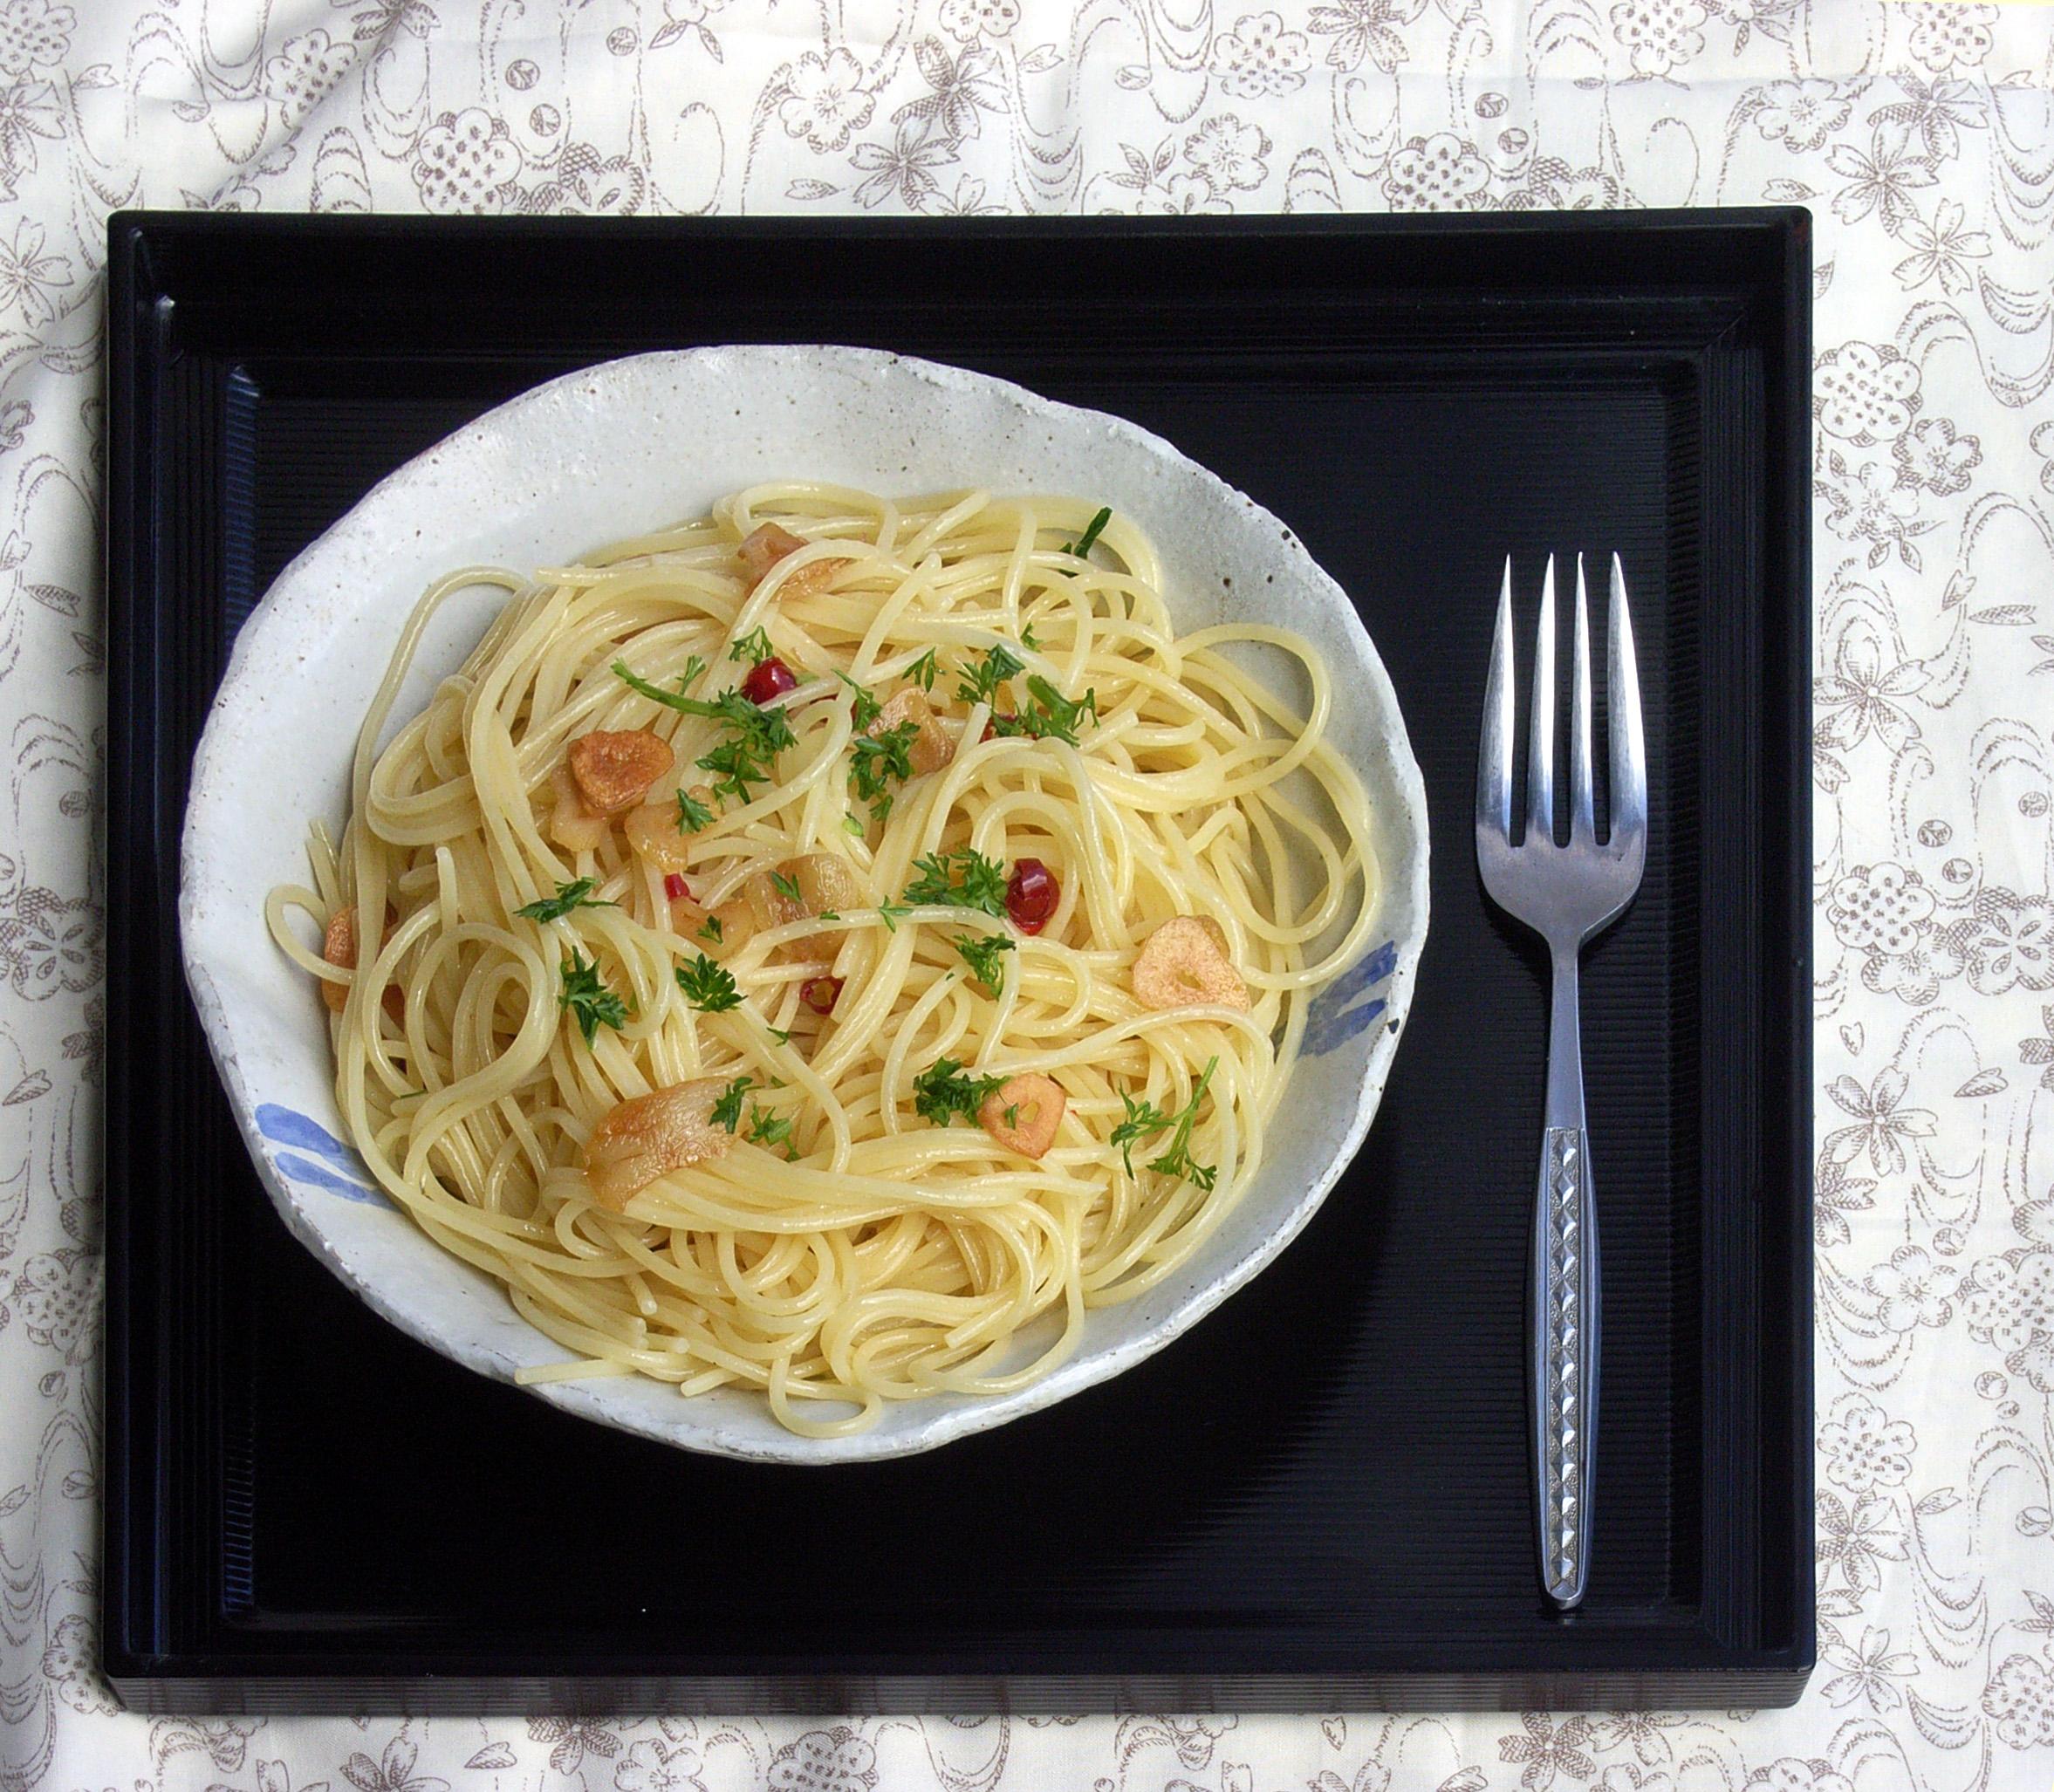 File:Spaghetti aglio olio e peperoncino by matsuyuki retouched.jpg - Wikimedia Commons